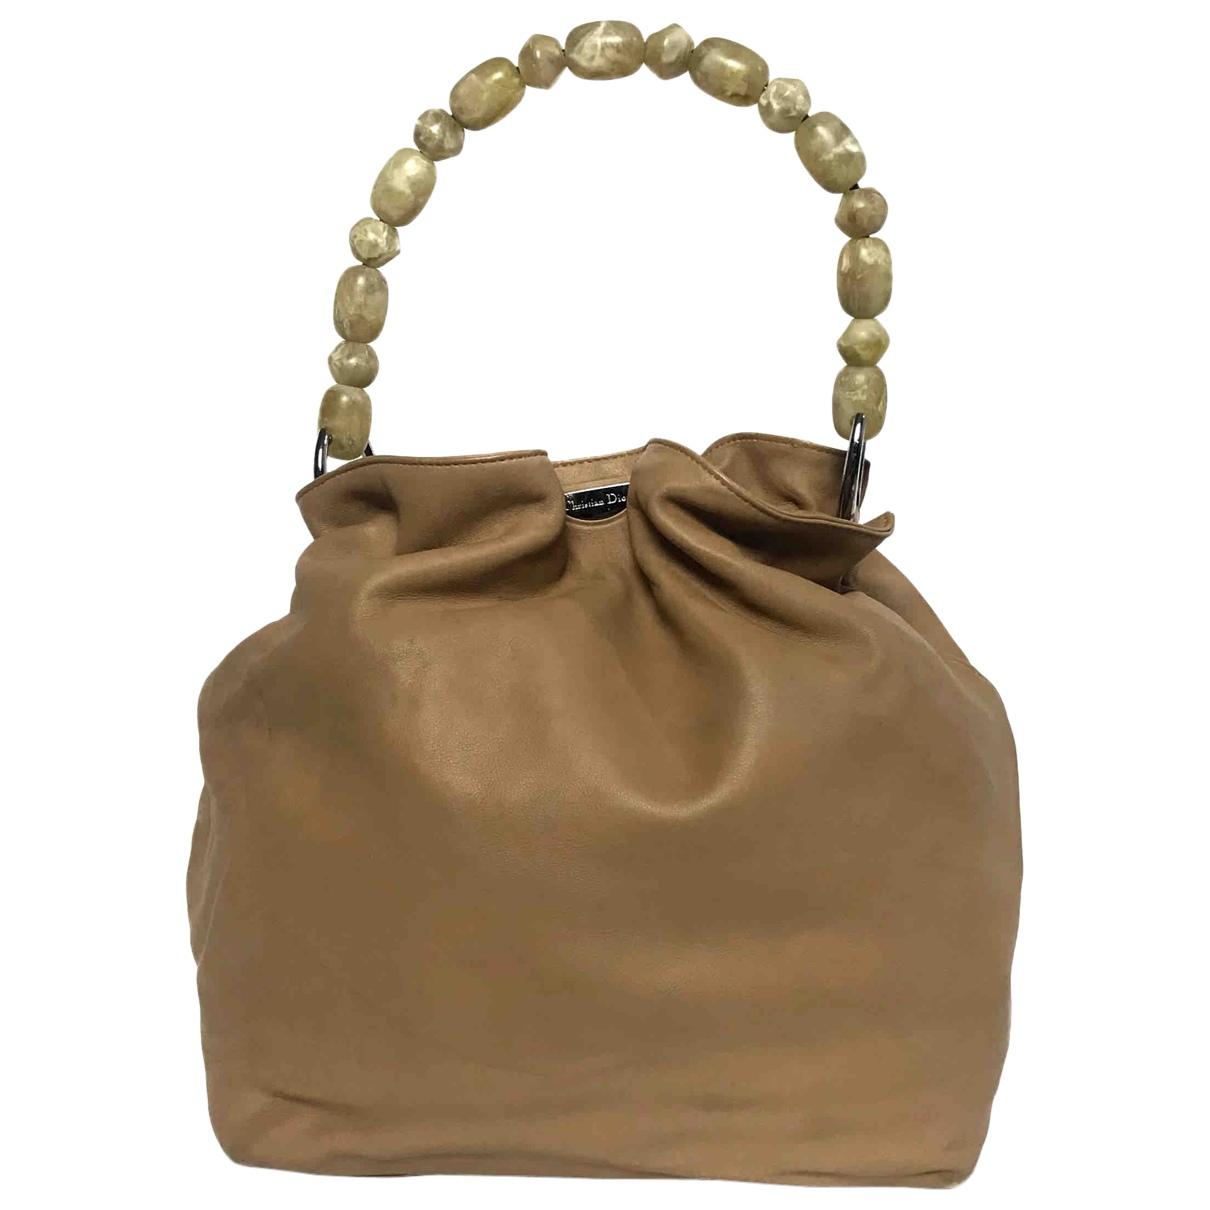 Christian Dior - Sac a main   pour femme en cuir